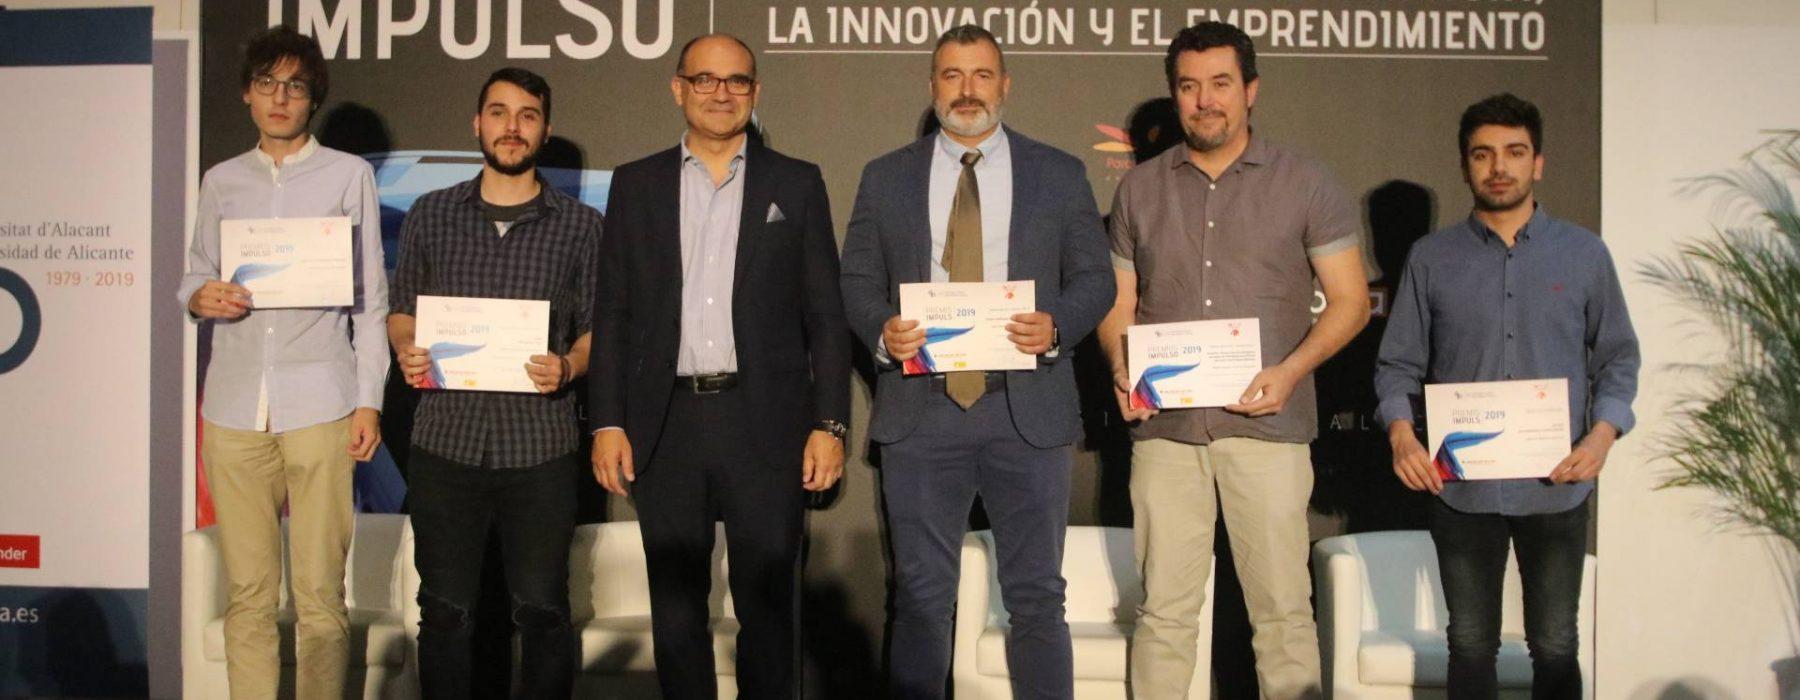 Gala Premios Impulso de la UA 2019